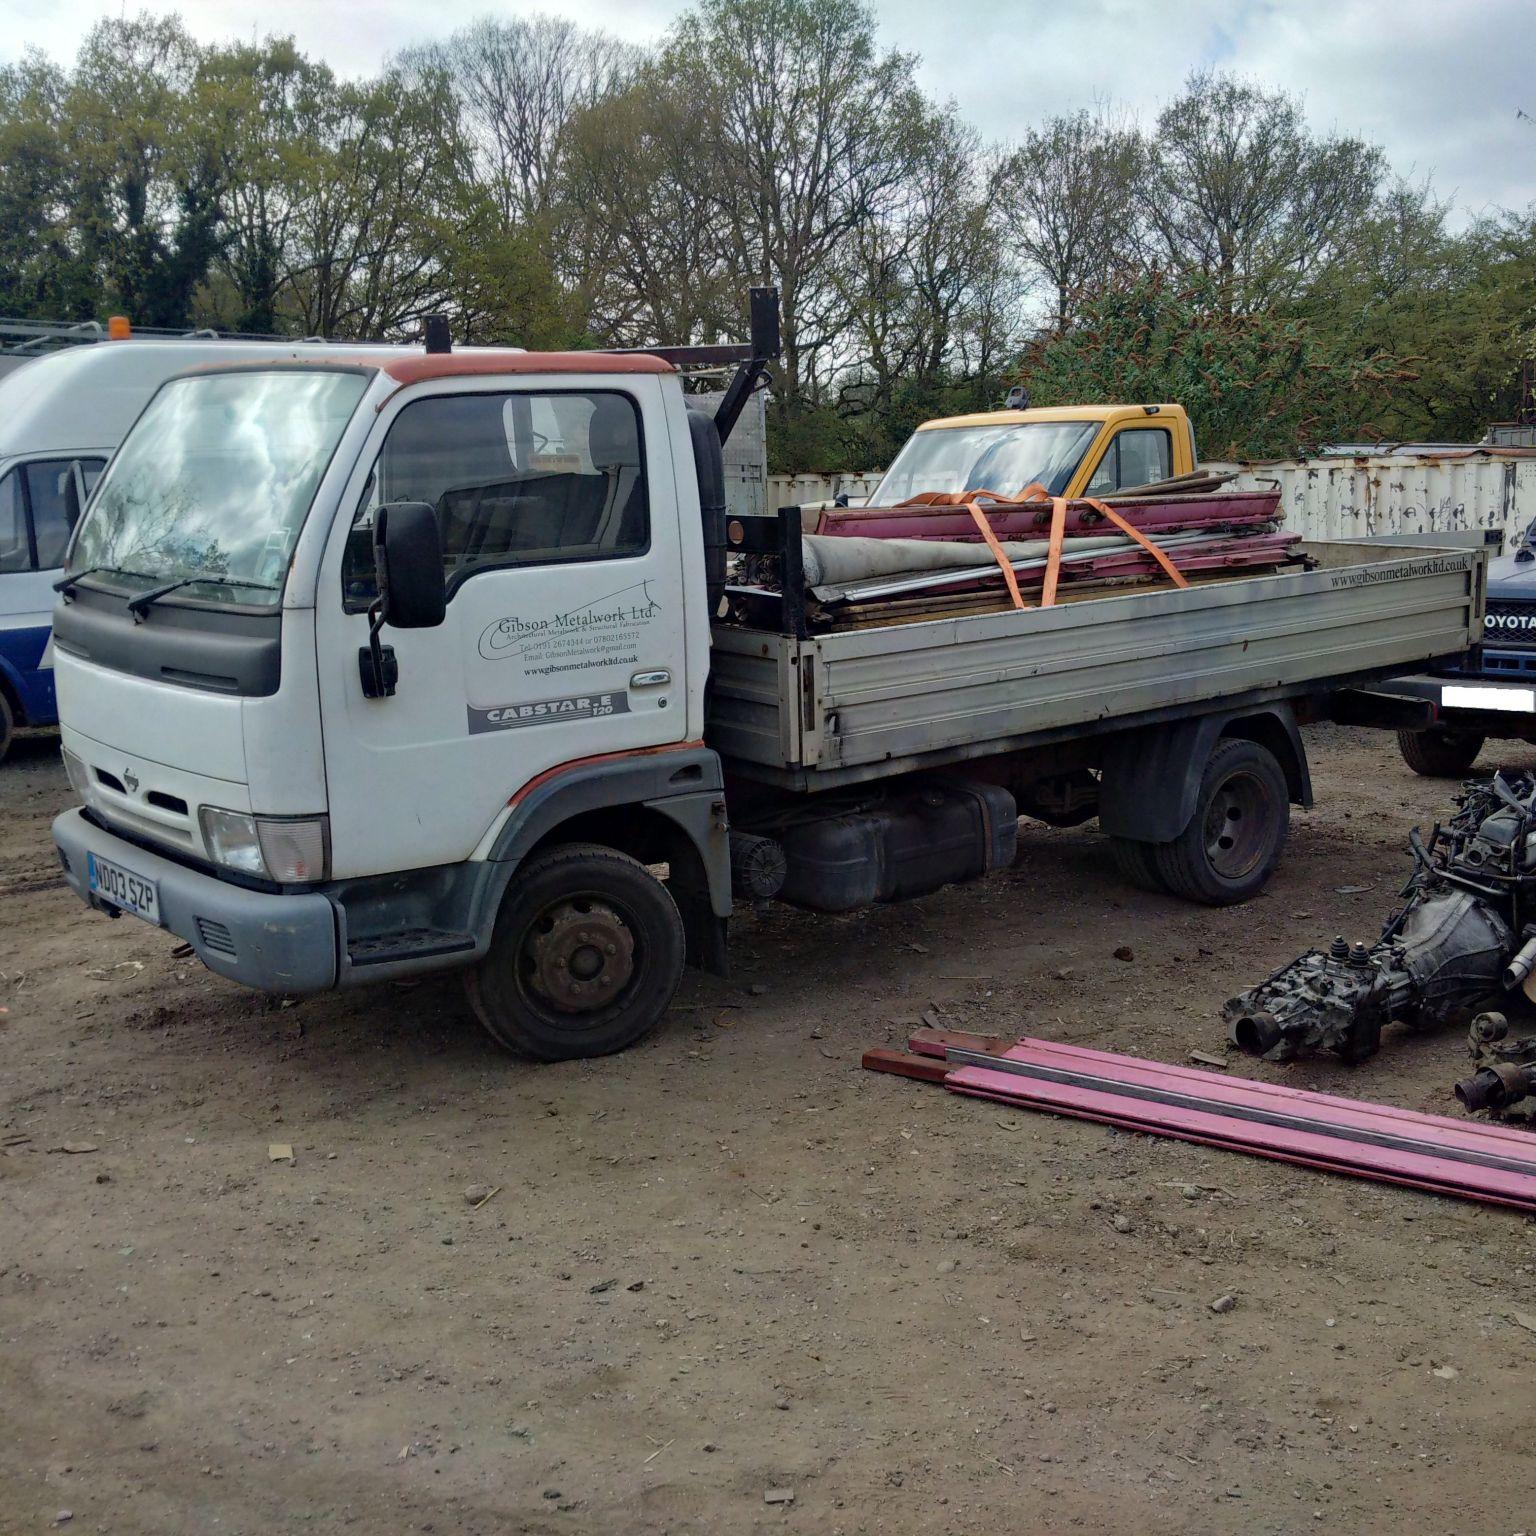 Nissan Cabstar E120 6 tyres 3.5 Ton truck.